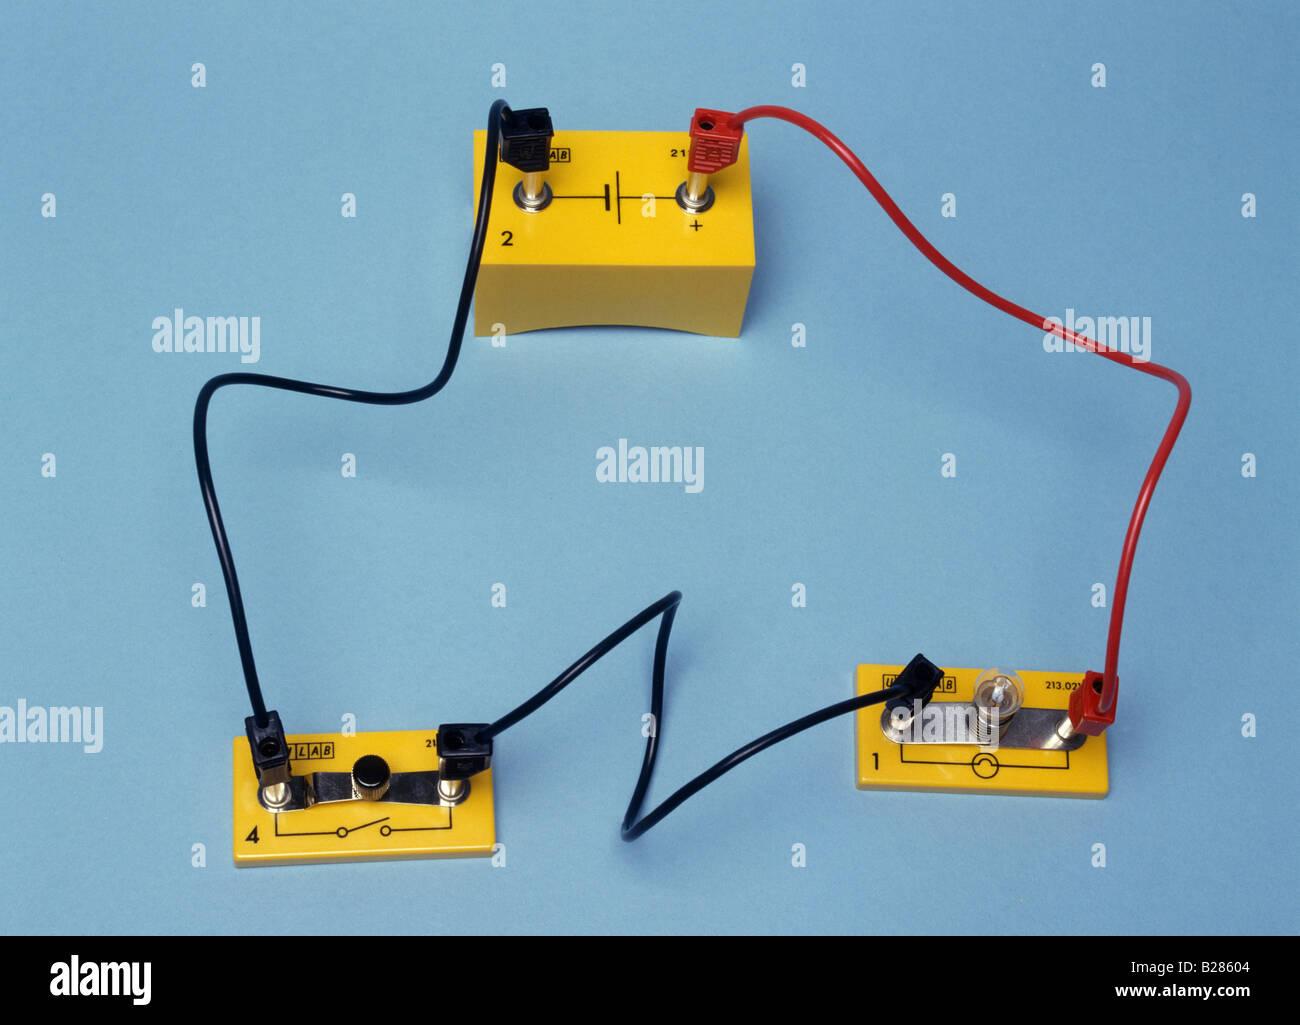 Un circuito que contiene una celda un interruptor y una lámpara Imagen De Stock